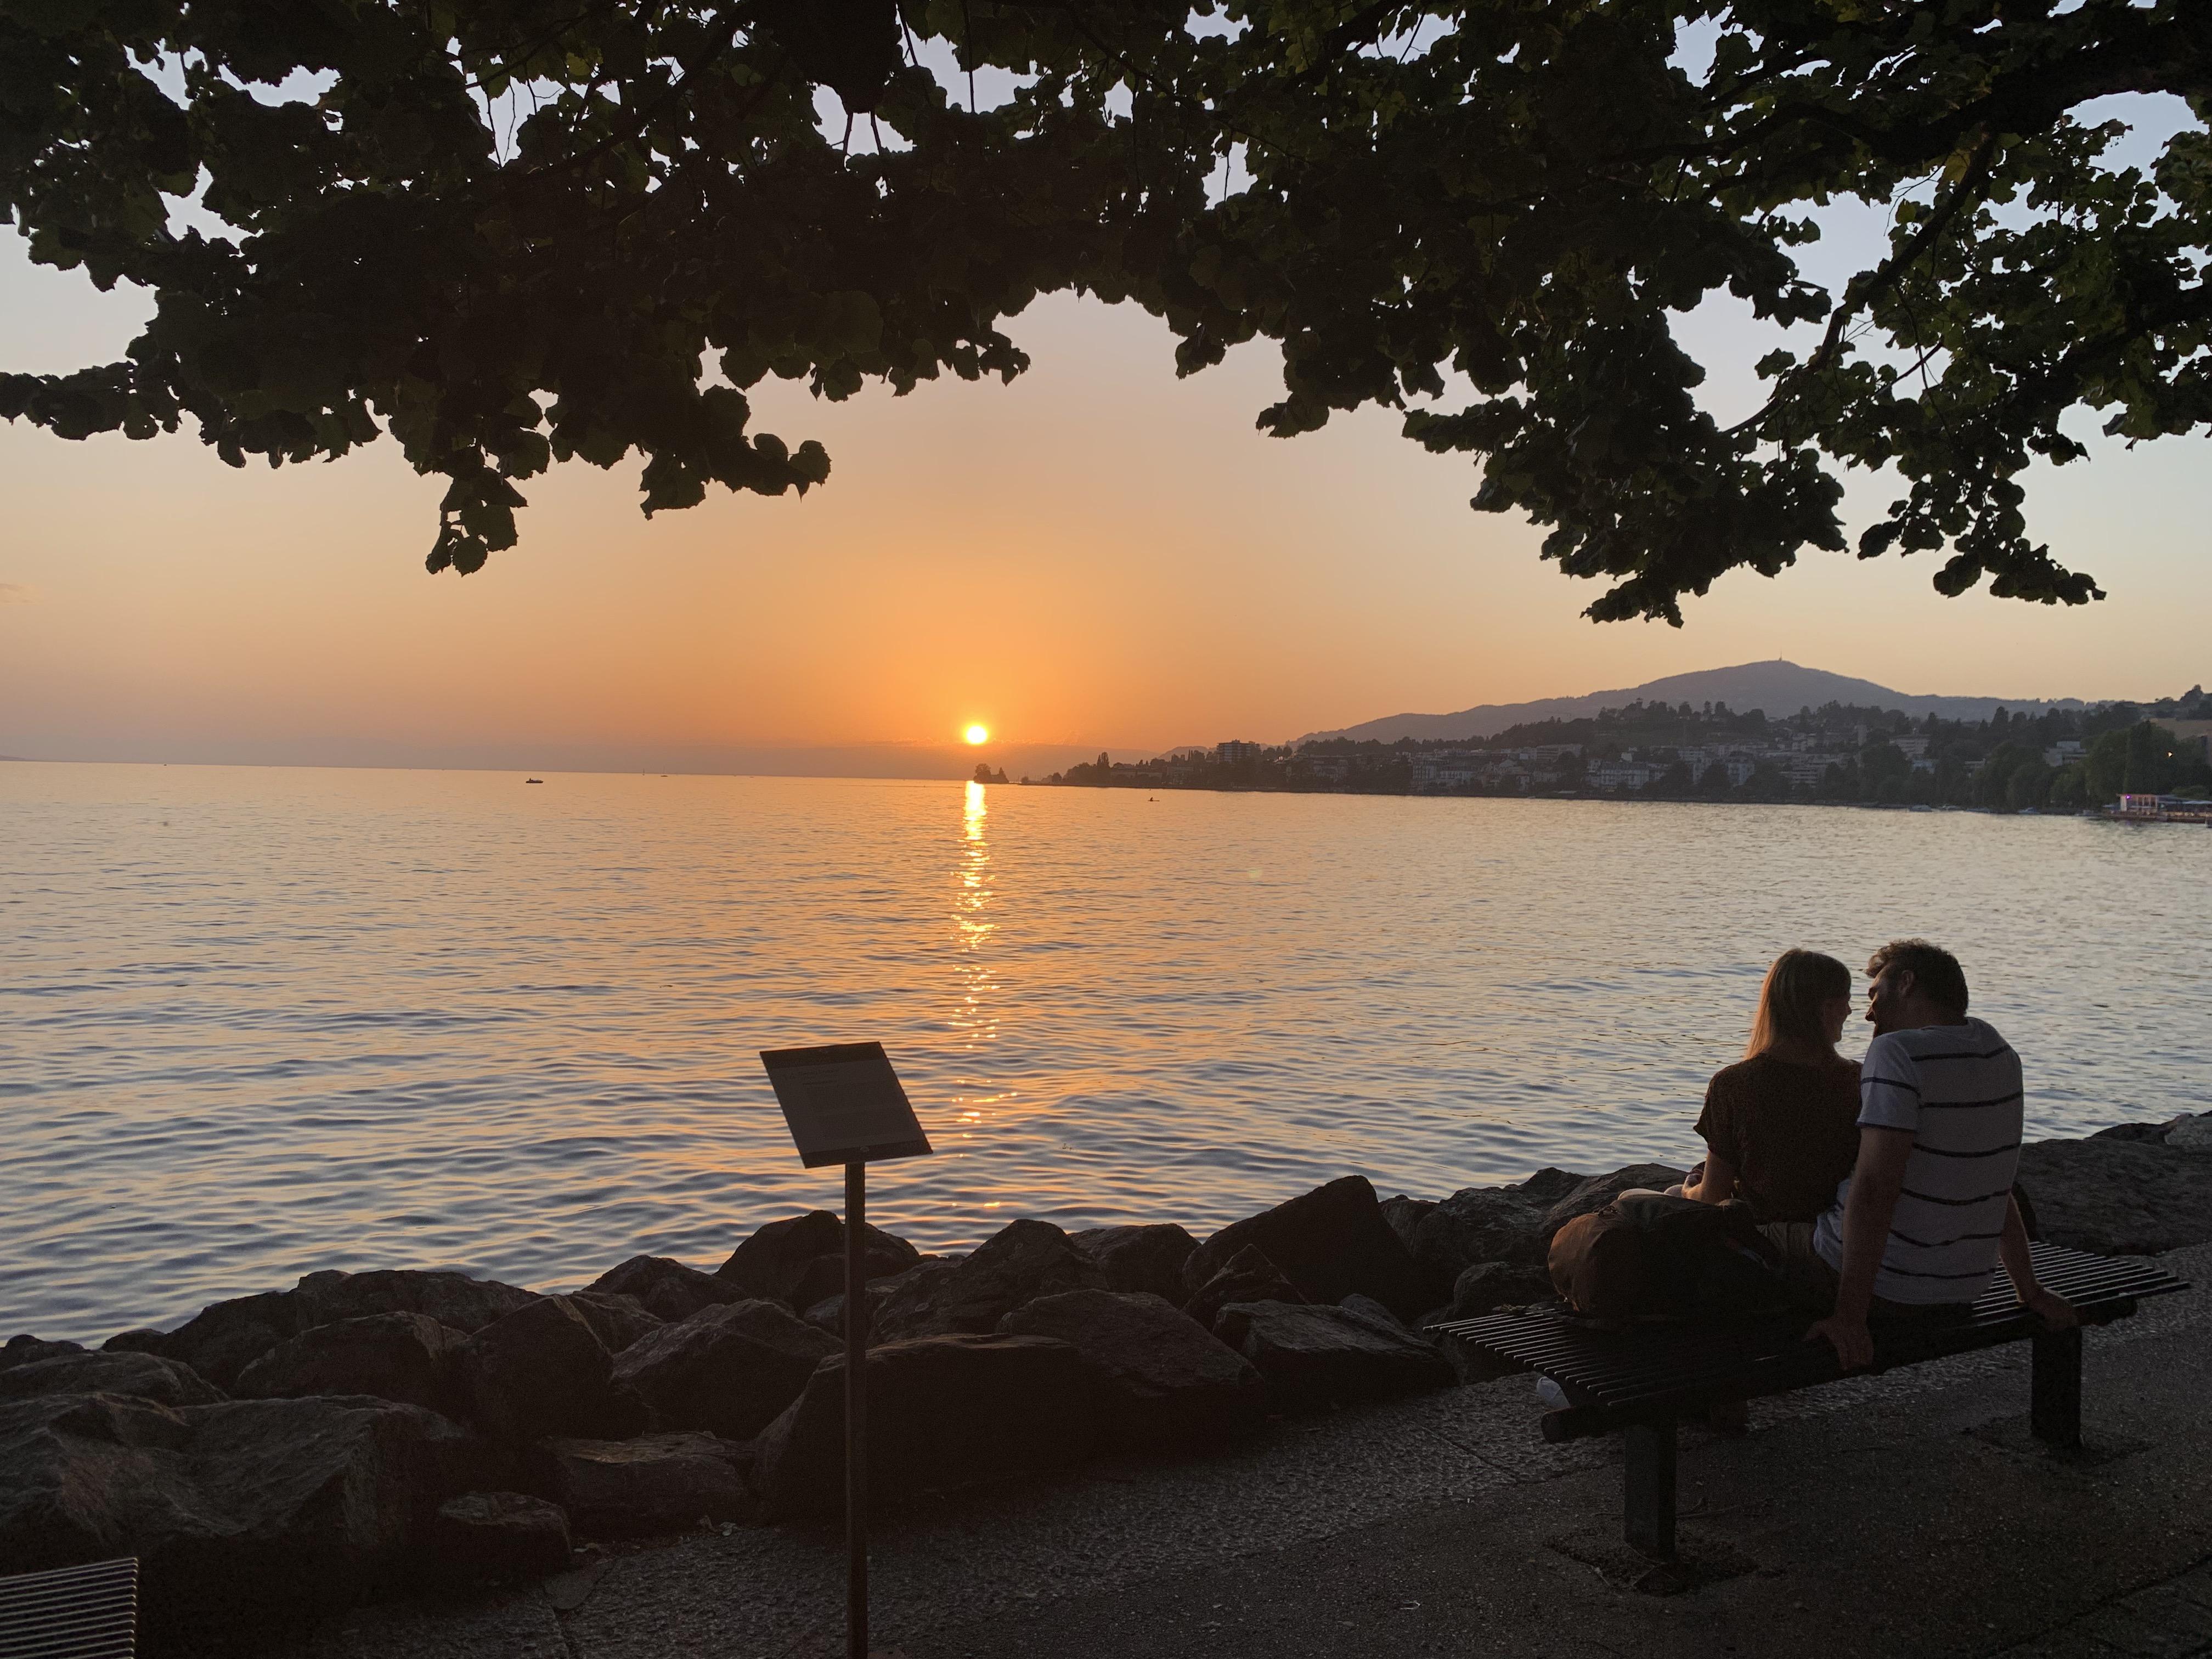 Turismo contemplativo: o que combina com Montreux